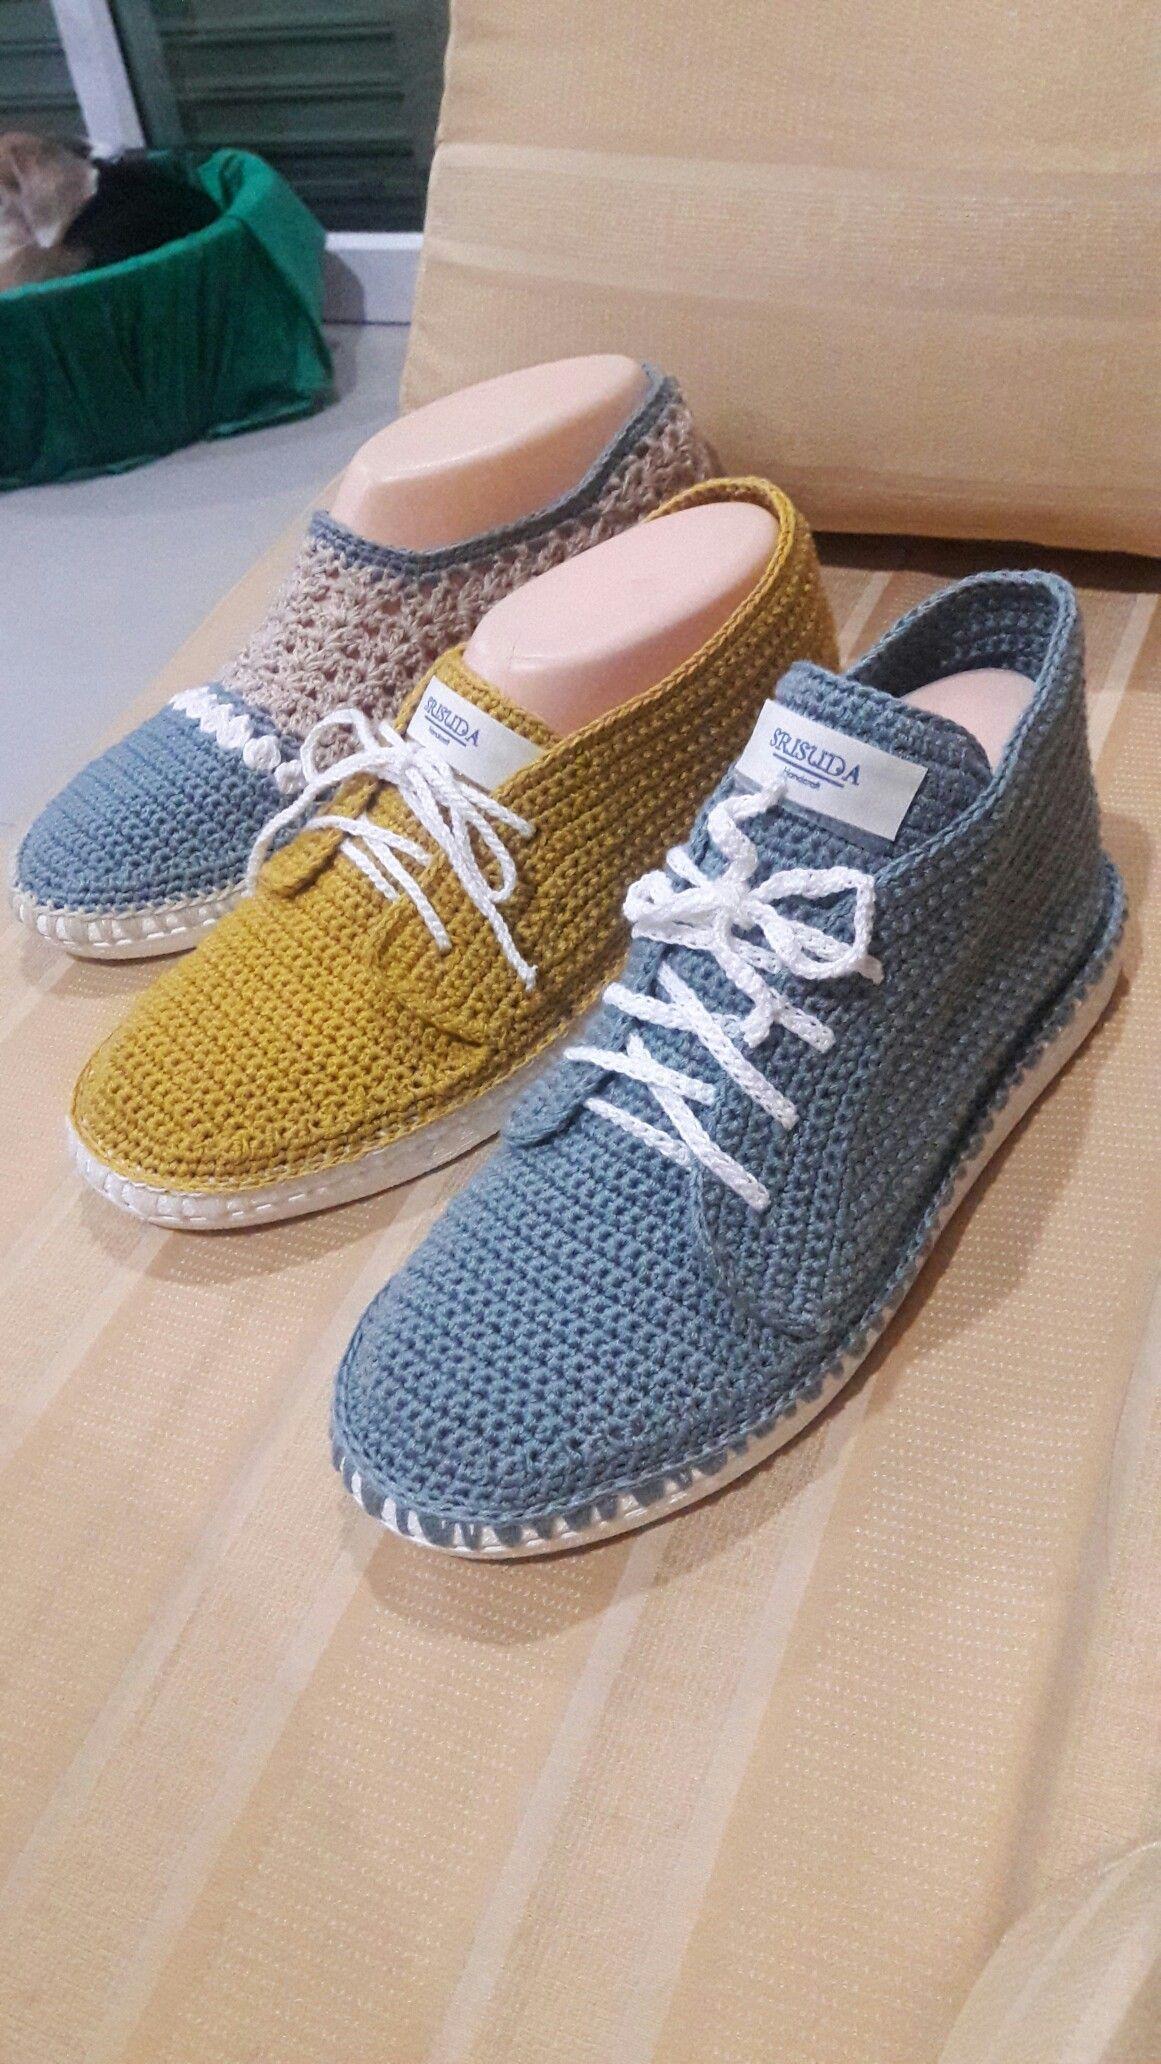 Pin von Srisuda Bailey auf my crochet shoes | Pinterest | Schuhe ...